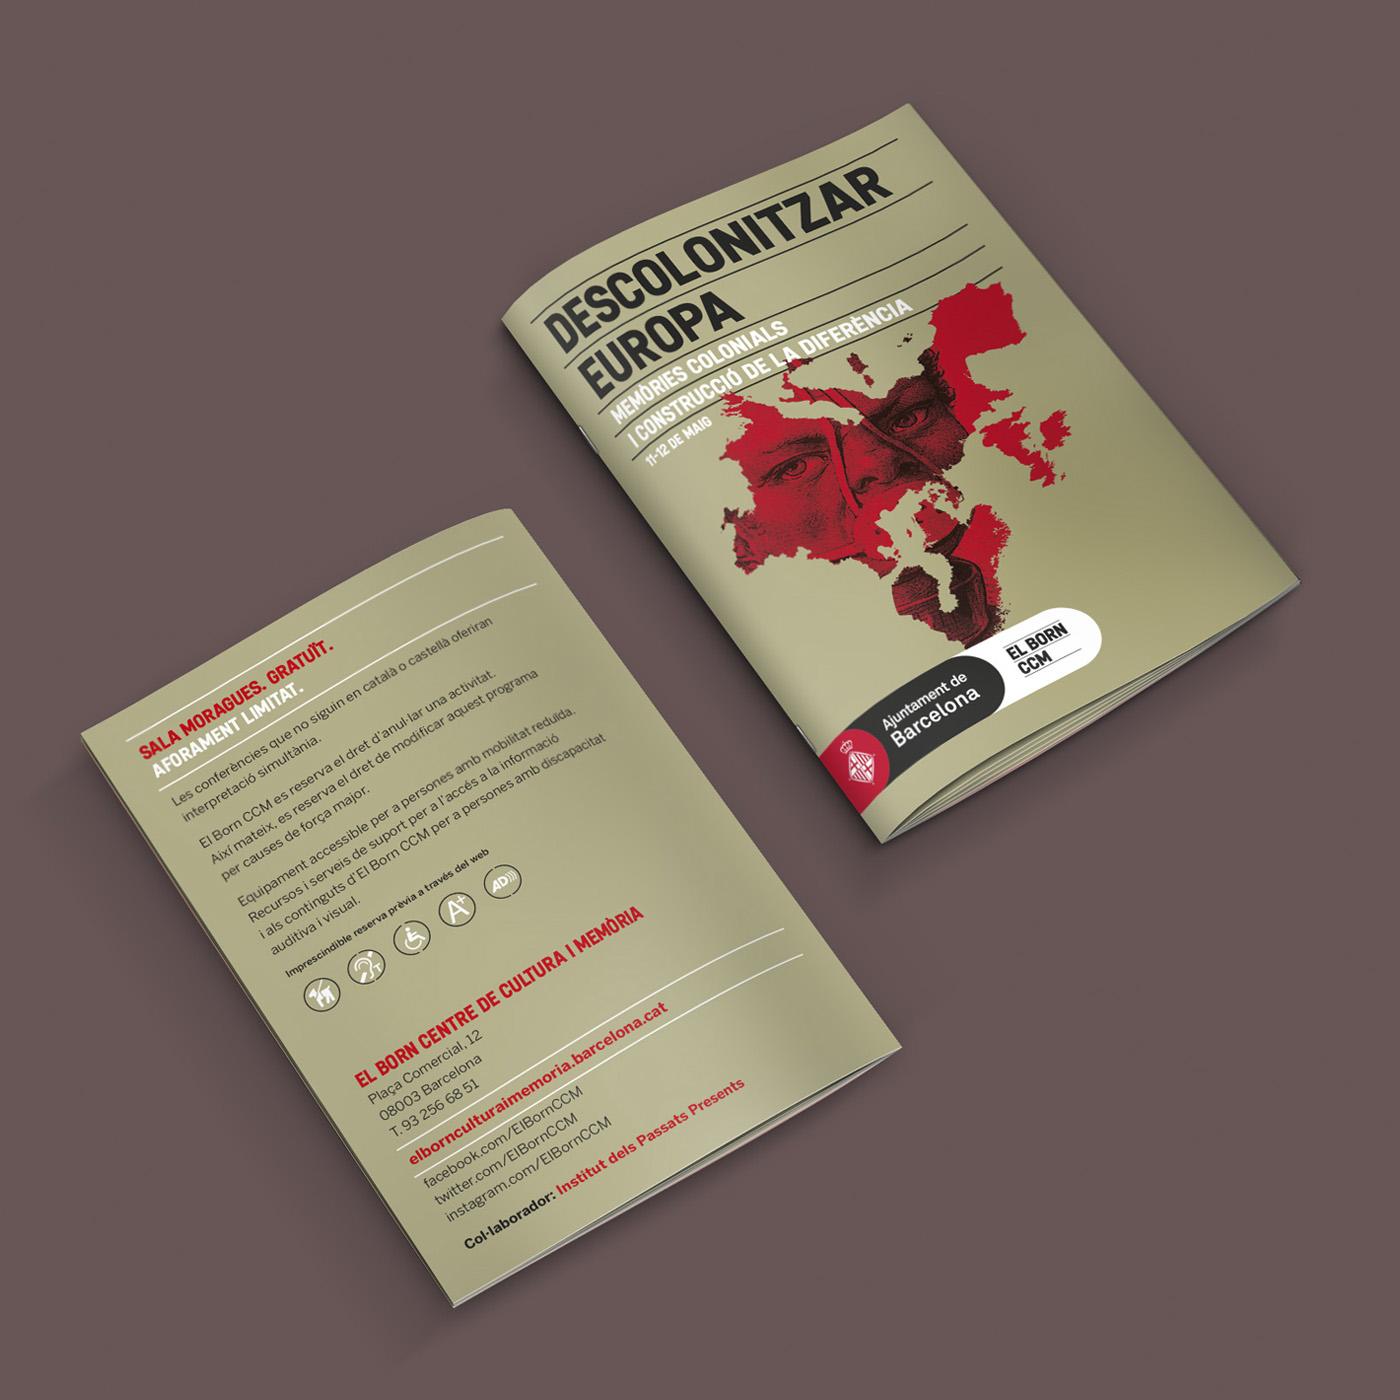 programa-folleto-born-descolonizar-europa-grafica